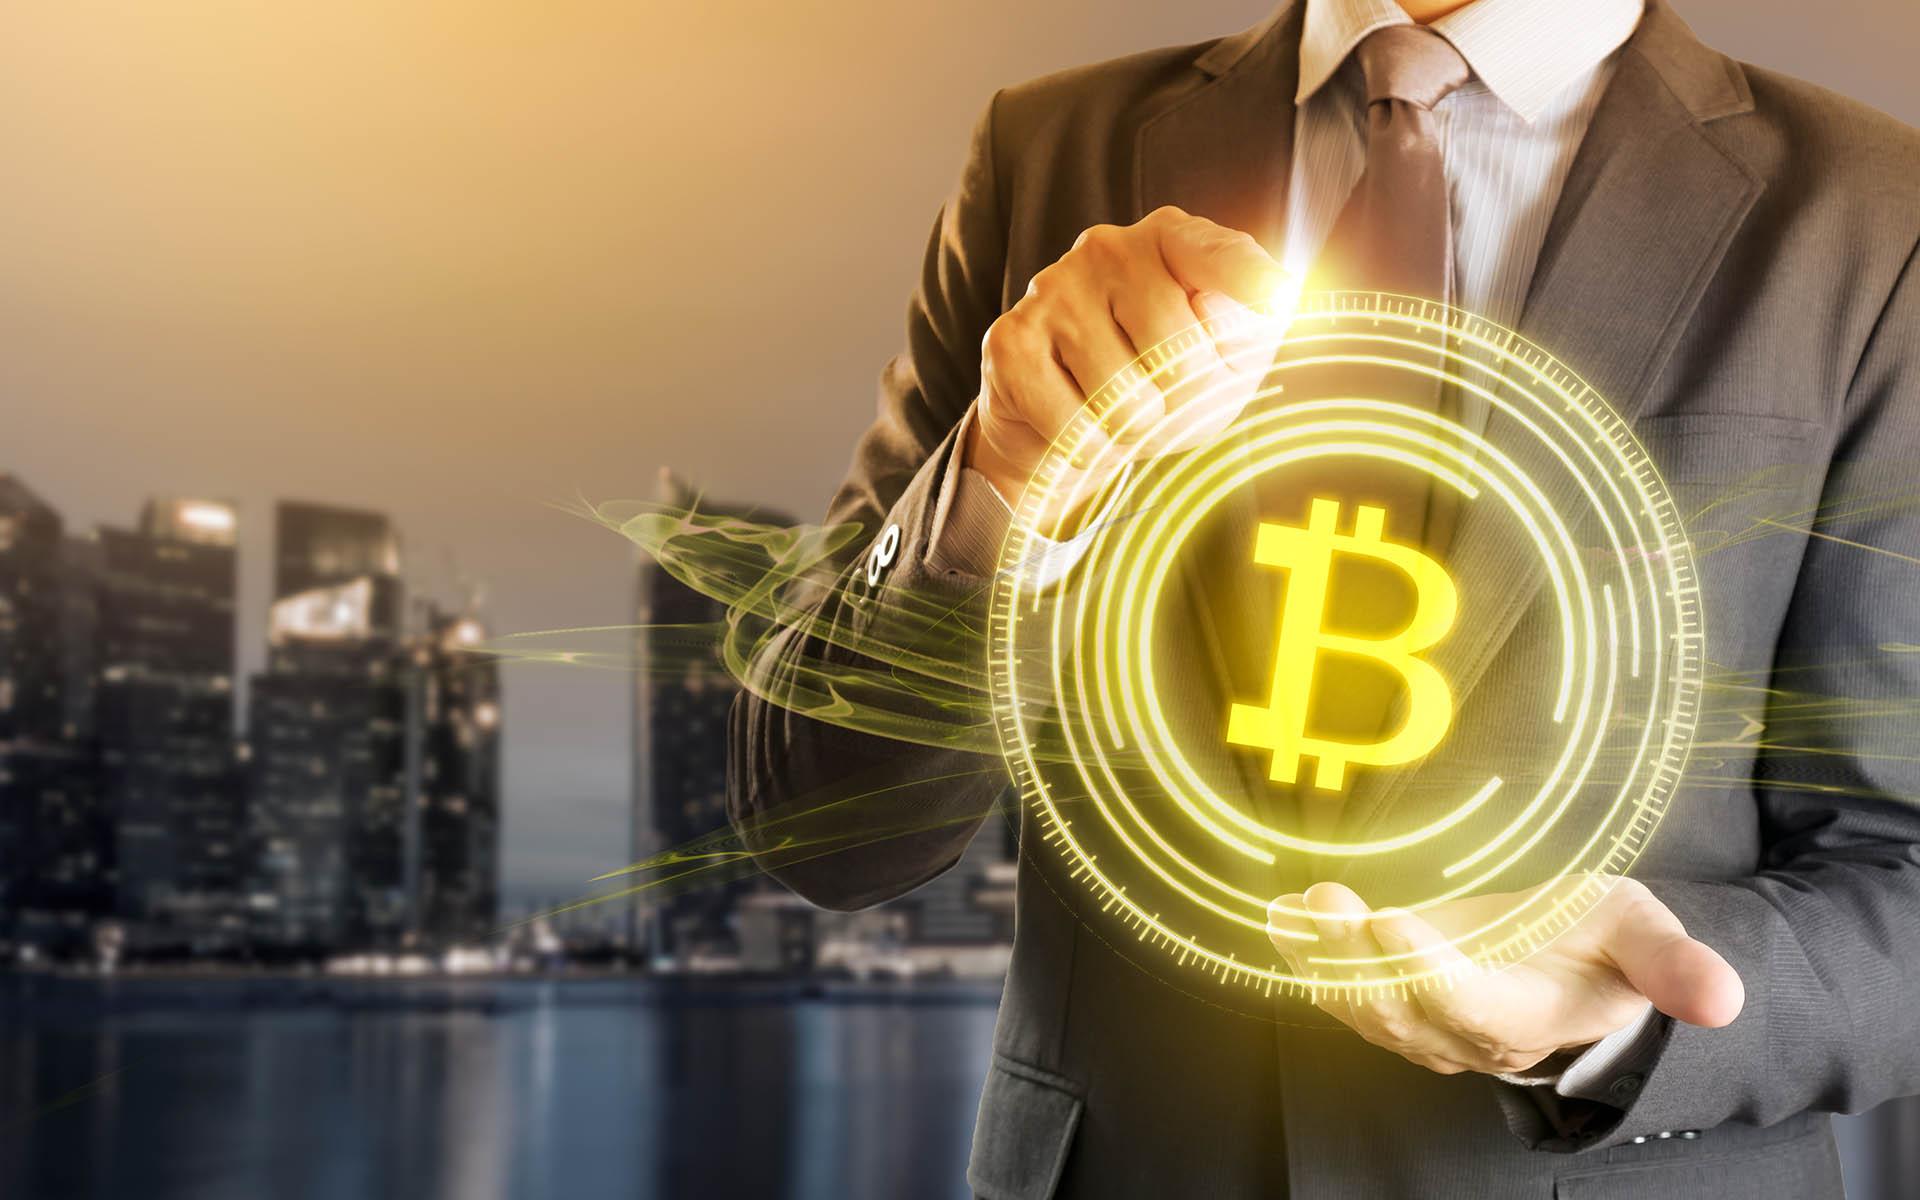 Фонд Мичиганского университета может расширить свой пакет криптоинвестиций